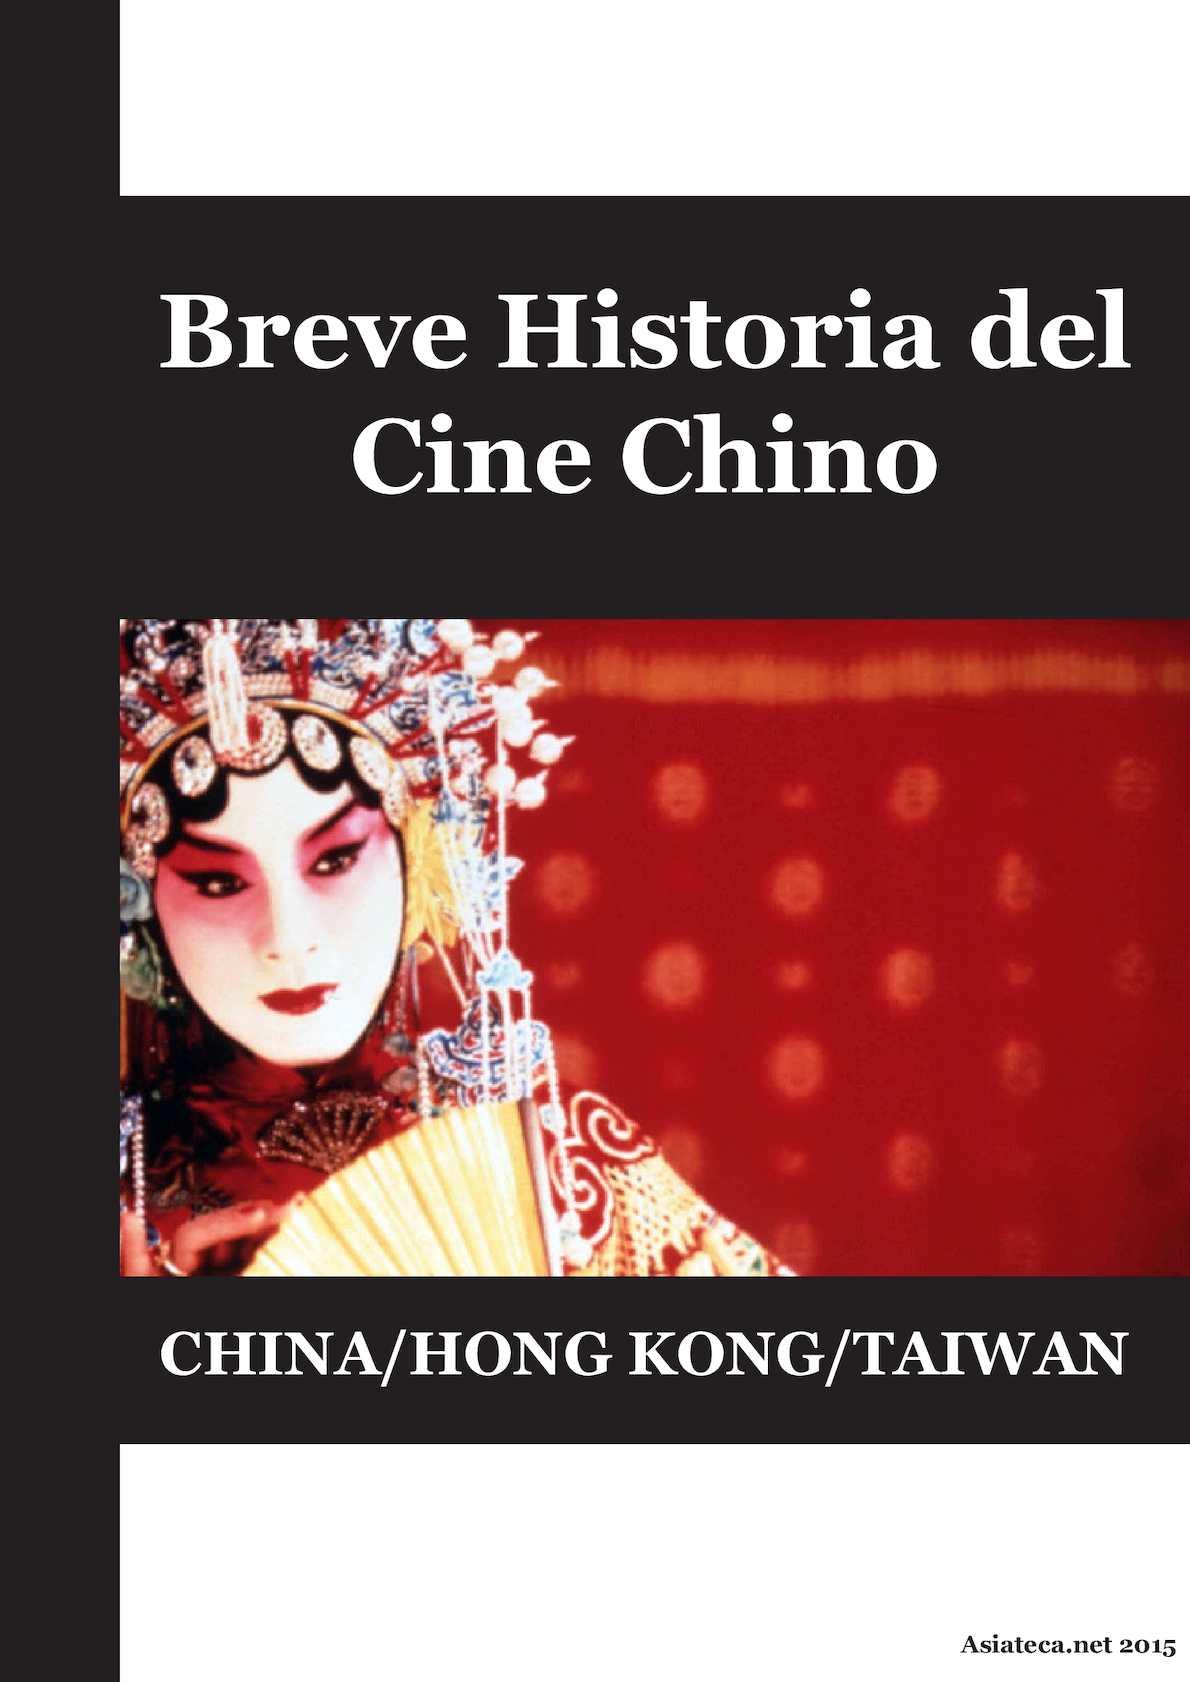 Asiateca - Breve Historia Del Cine Chino